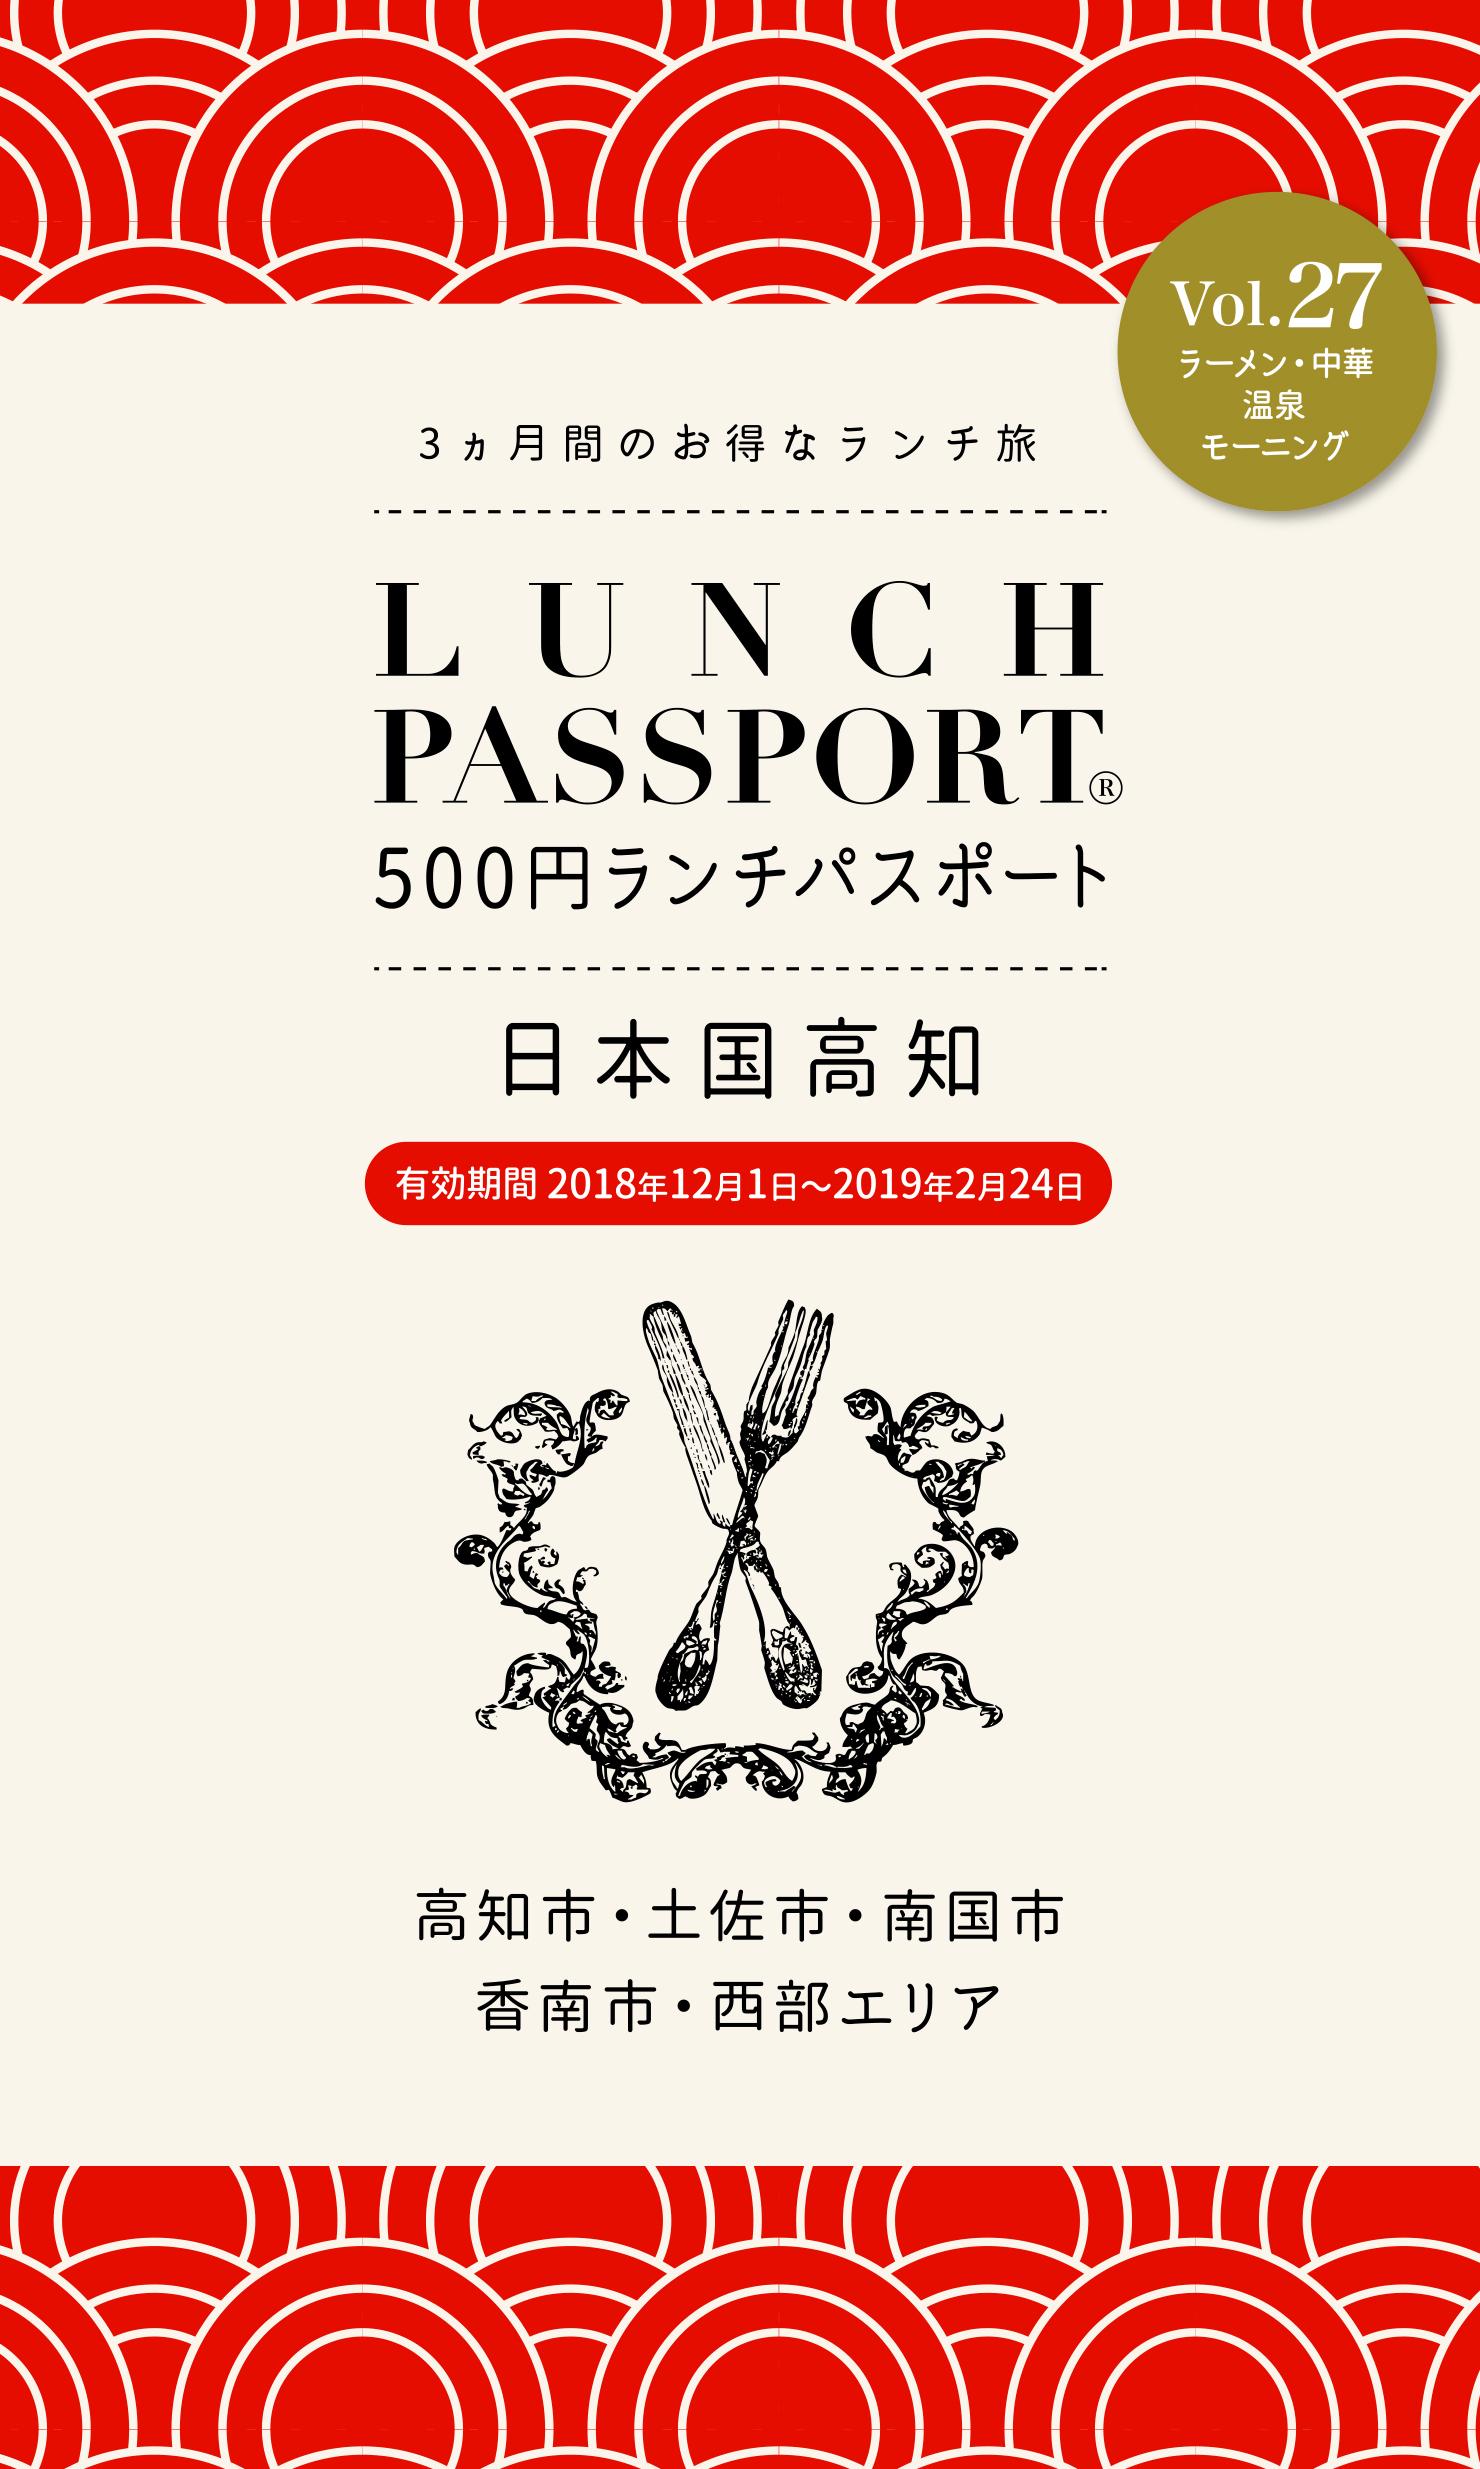 ランチパスポートVol.27 高知版